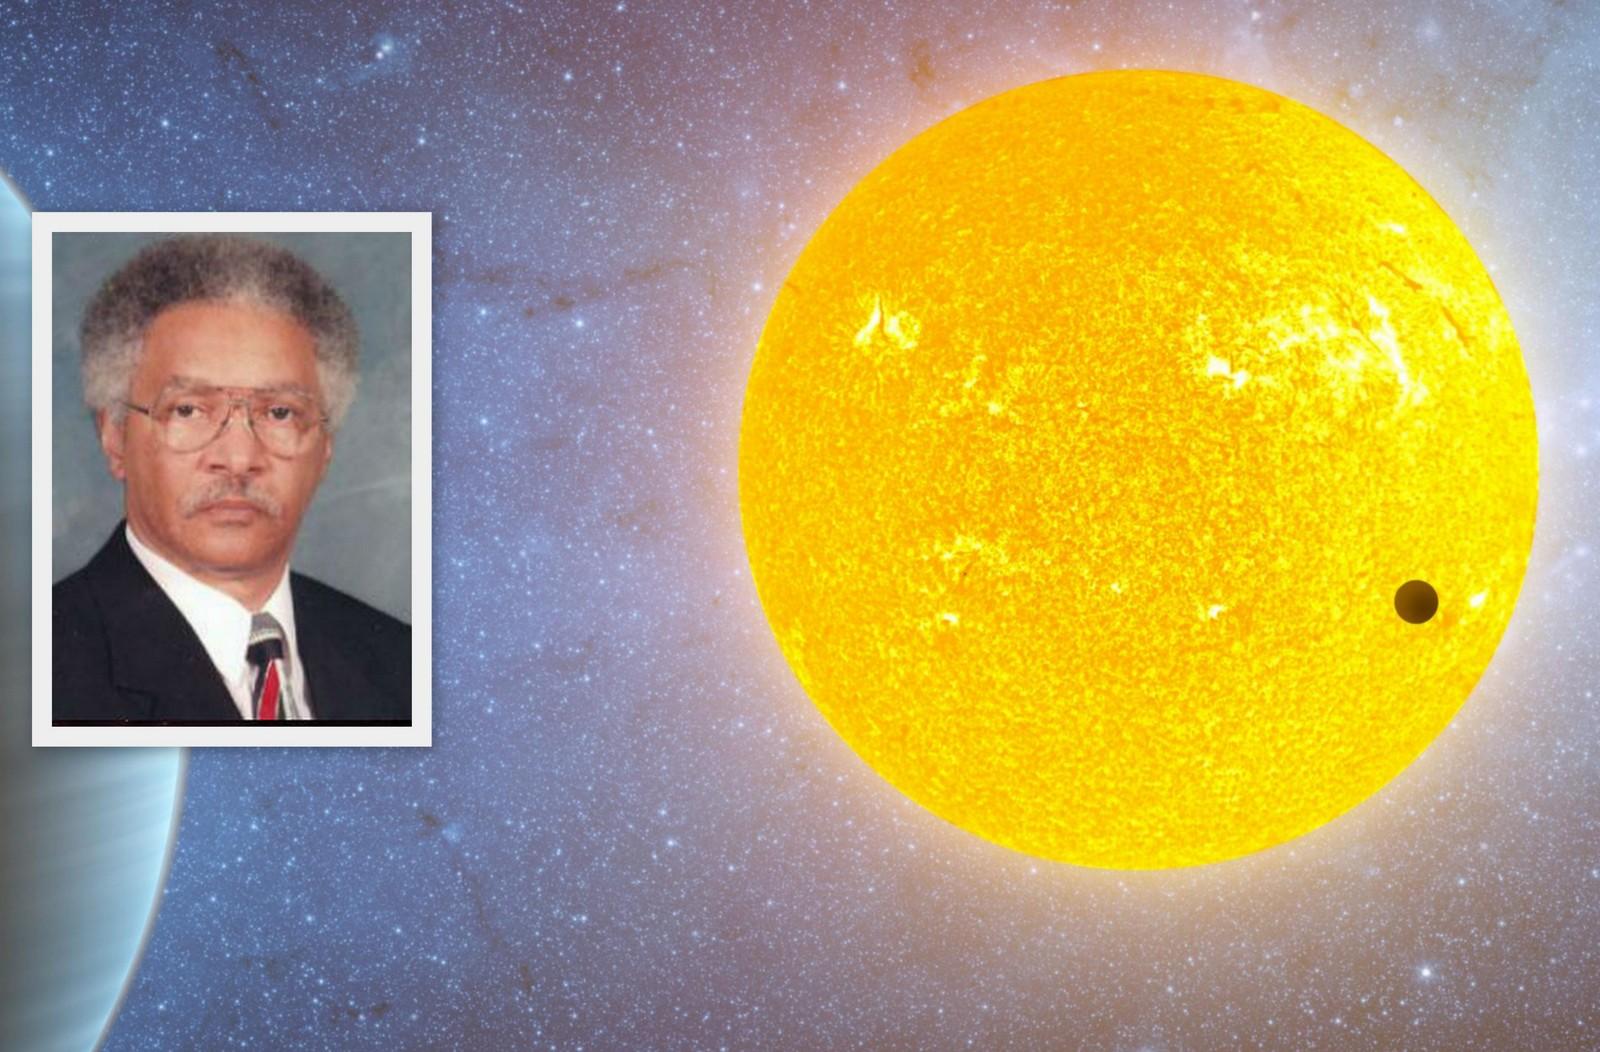 Ehemaliger NASA-Physiker ficht Einsteins Relativitätstheorie an